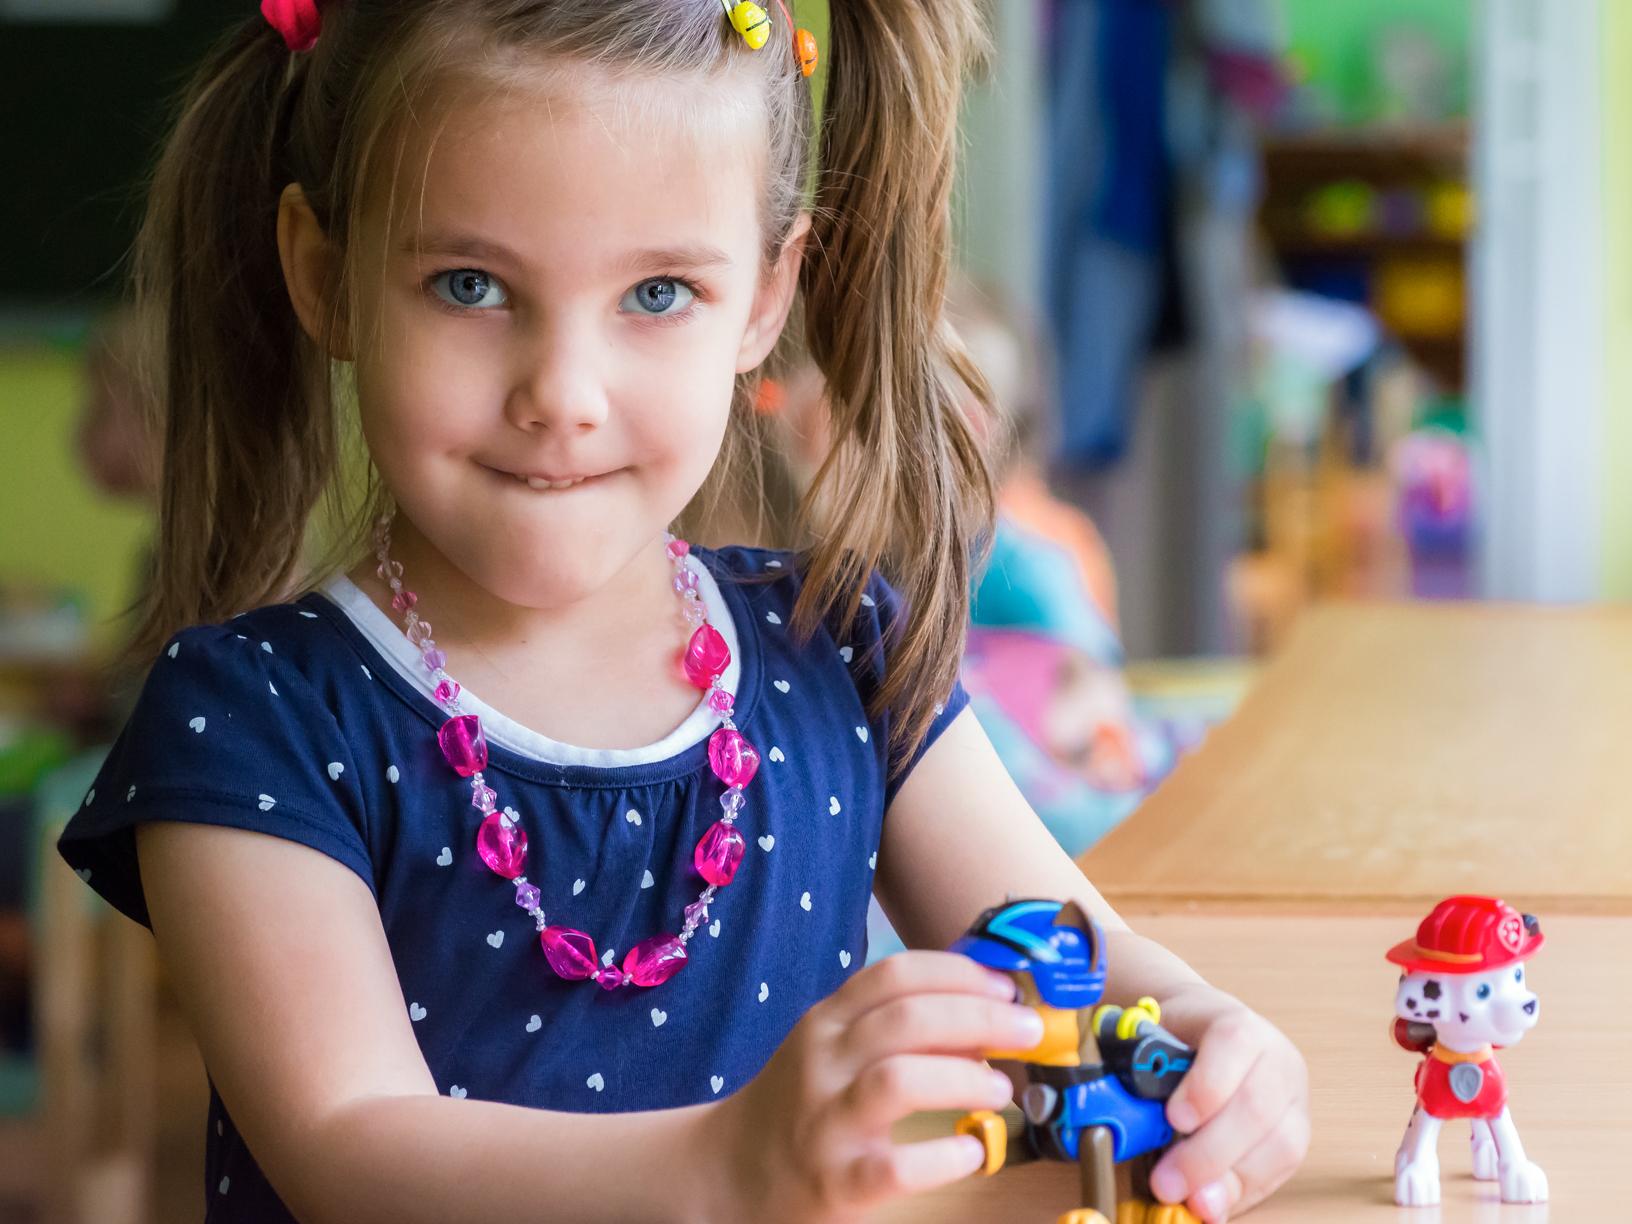 #фоторепортаж, #детский_сад, #день_в_детском саду, #фоторепортаж_дня_в_детском_саду, #фотосъёмка_в_детском_саду, #фотограф_в_детский_сад, #фотограф_минск, #детский_фотограф, #портрет